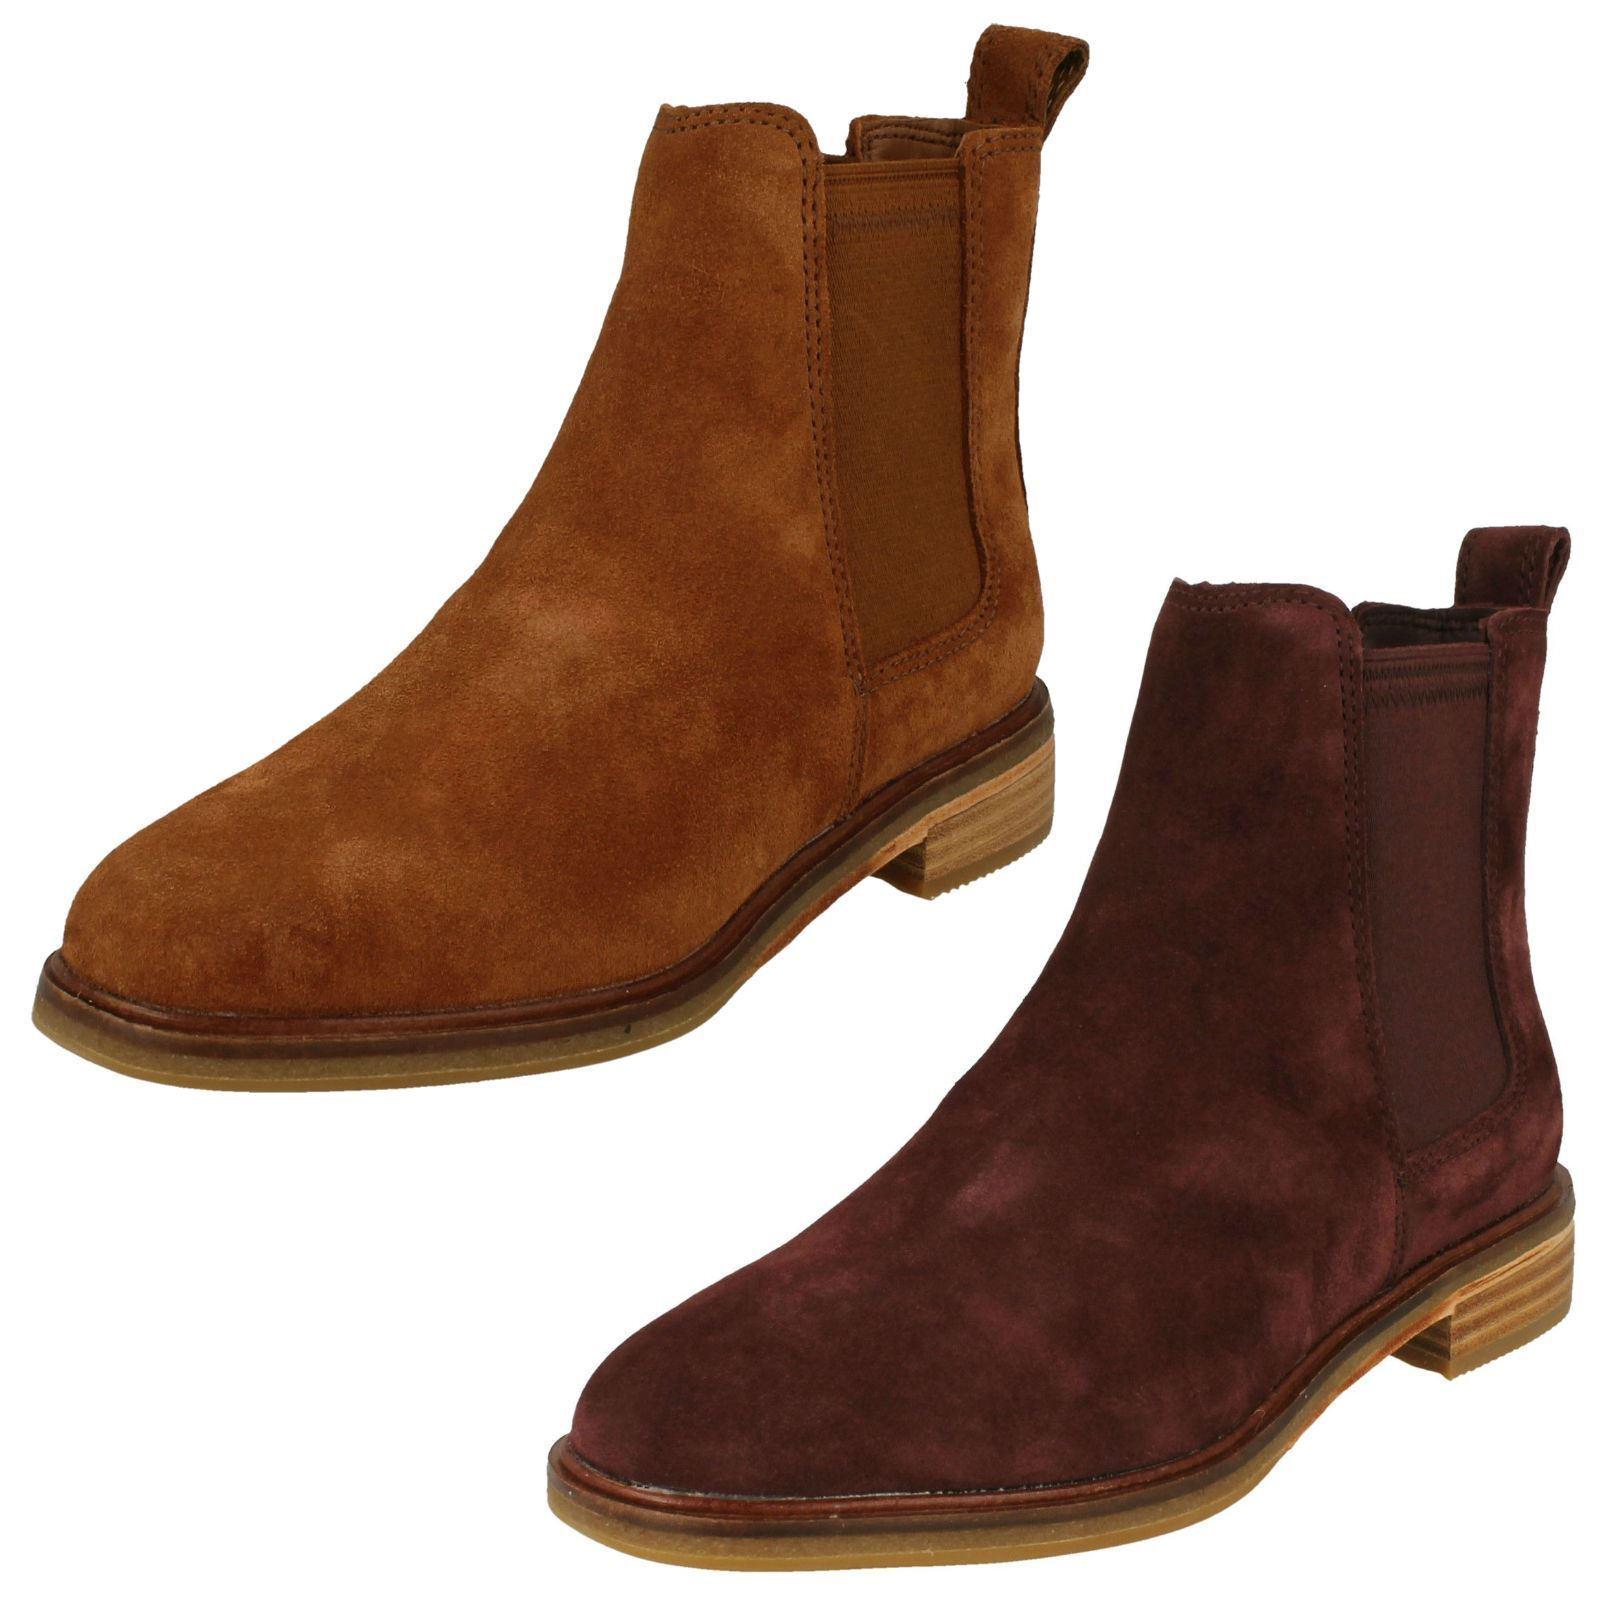 Damas Damas Damas Clarks Informal botas al Tobillo clarkdale saber  el precio más bajo